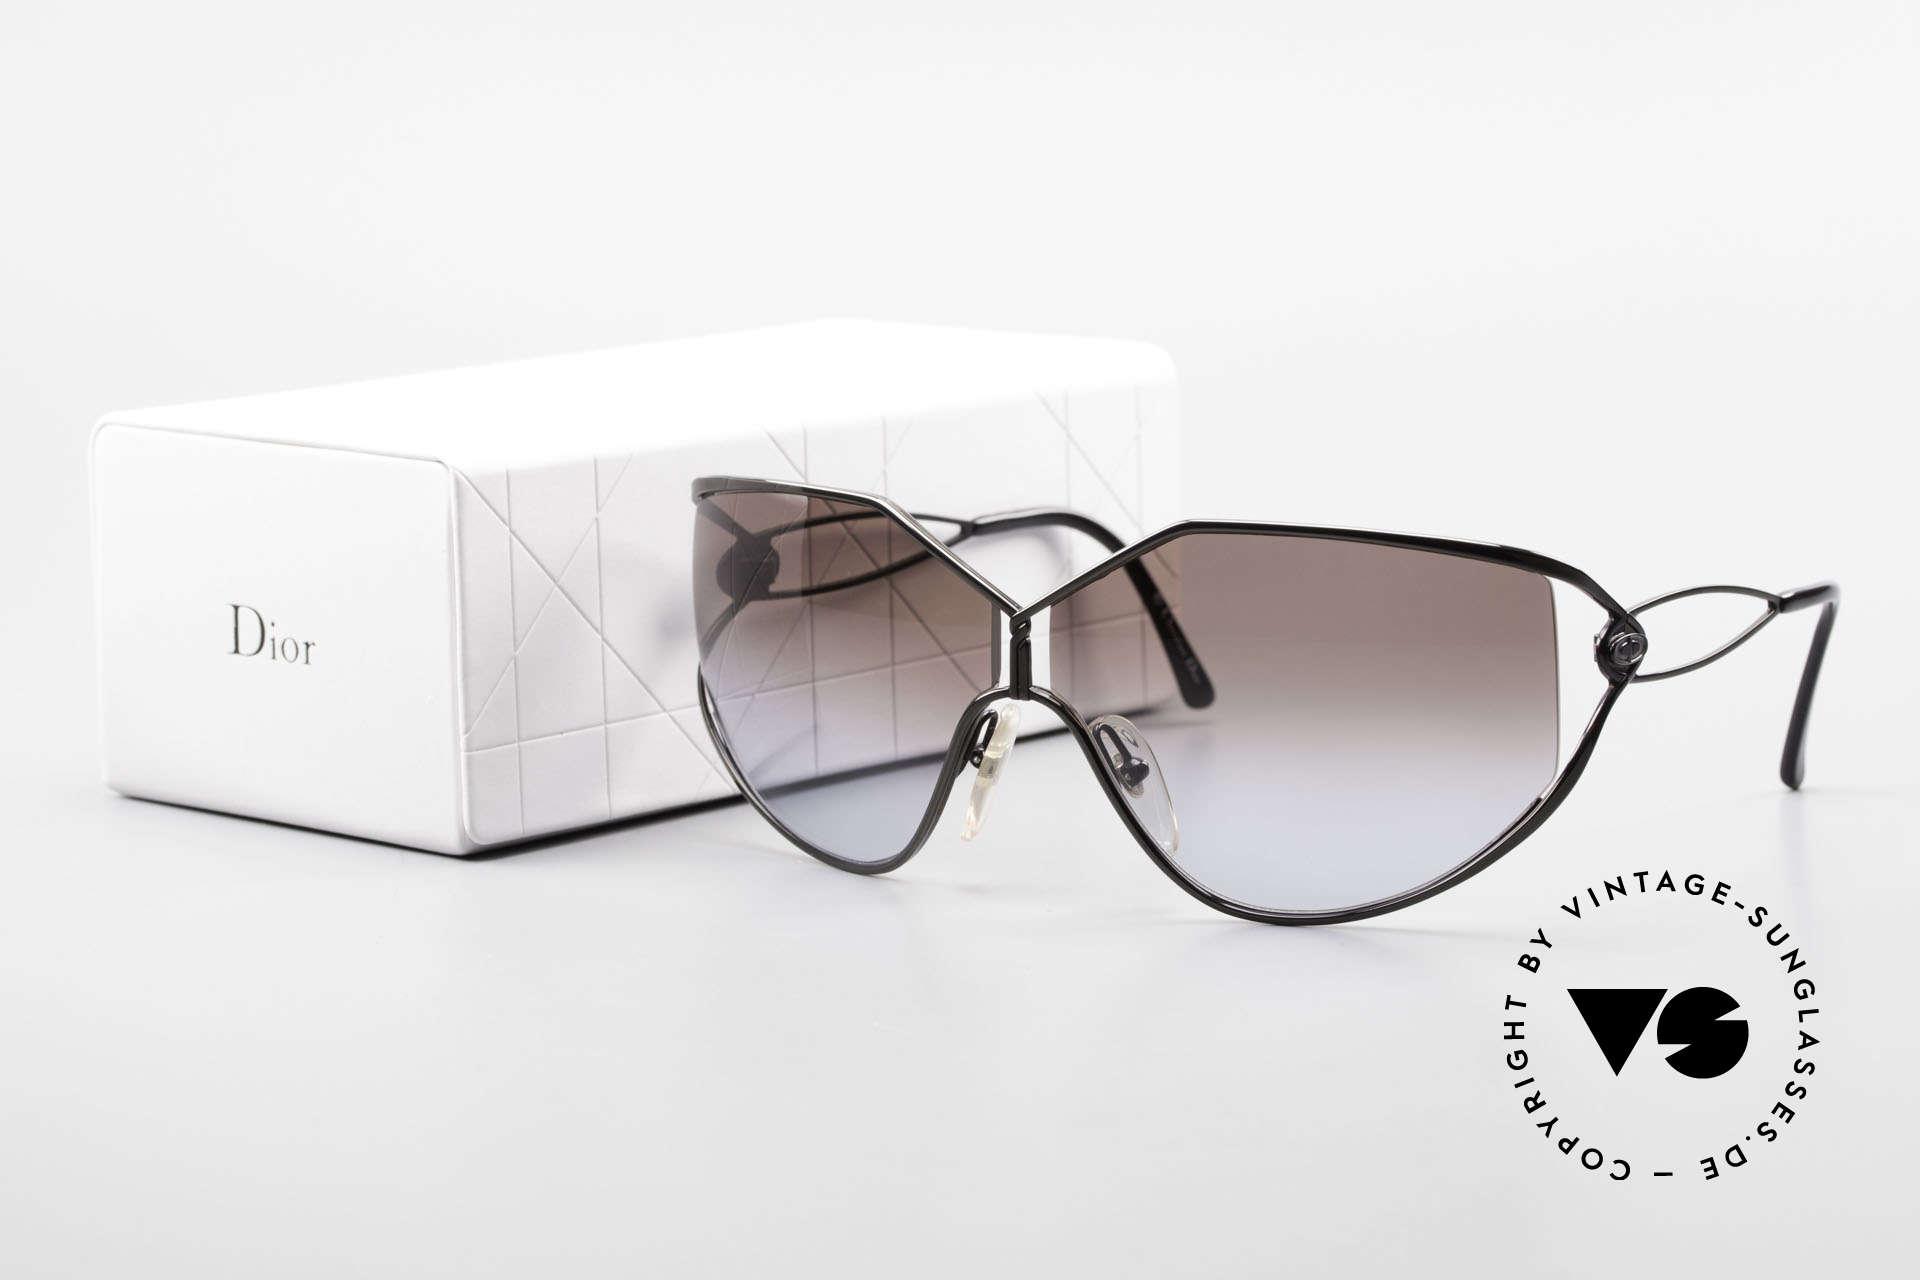 Christian Dior 2345 Ladies Designer Sunglasses 90s, Size: medium, Made for Women